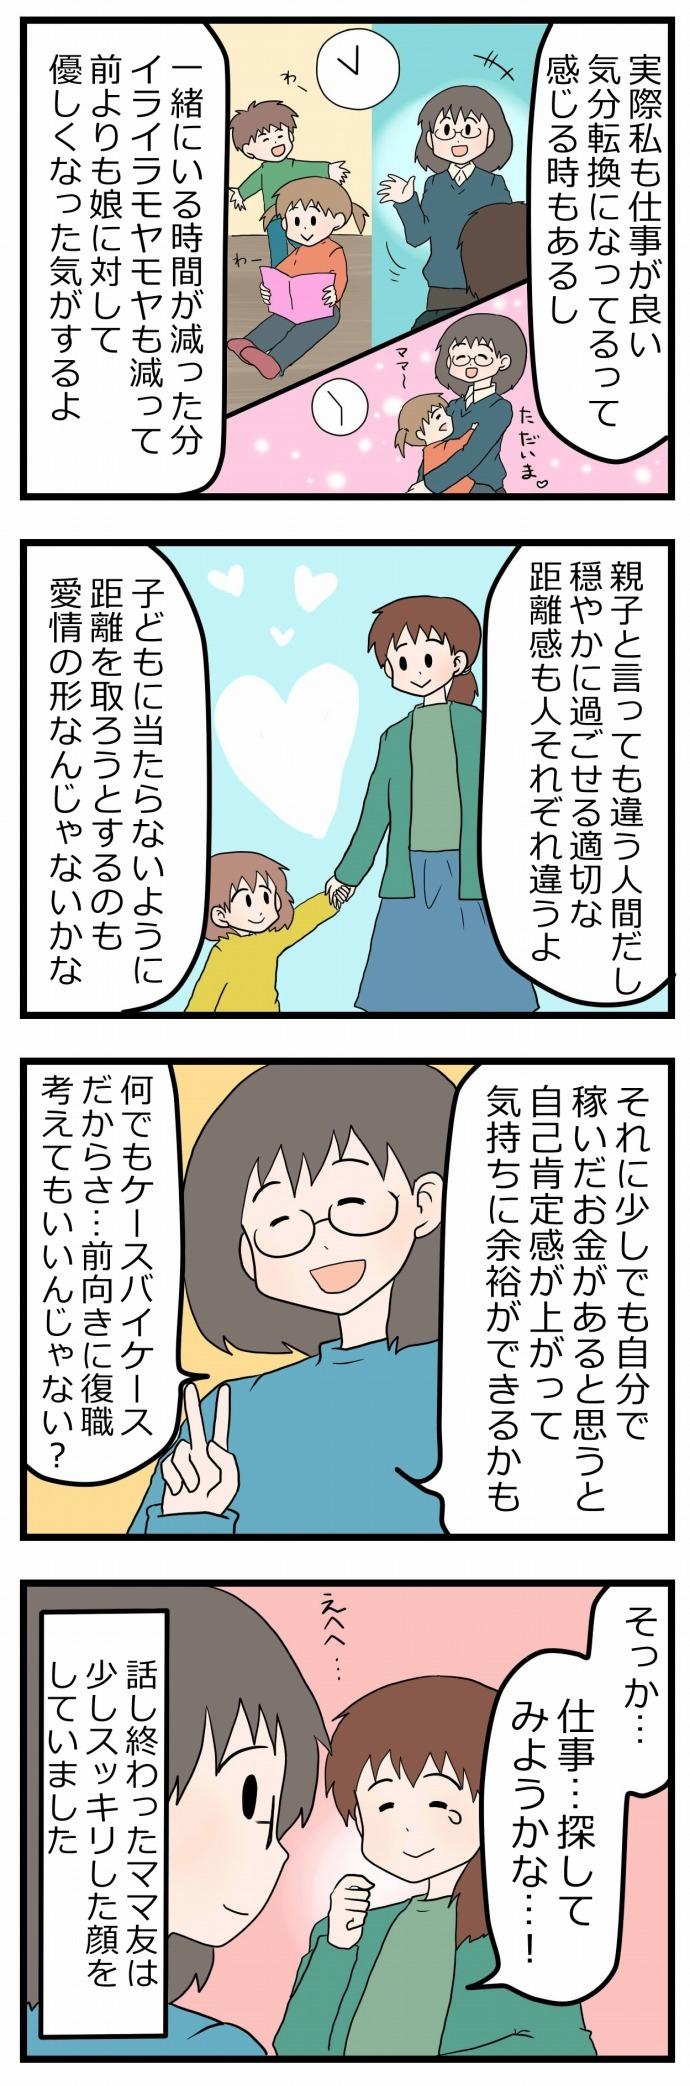 「子どもと距離をとるため、復職したい」専業主婦ママ友の、背中を押した話の画像3